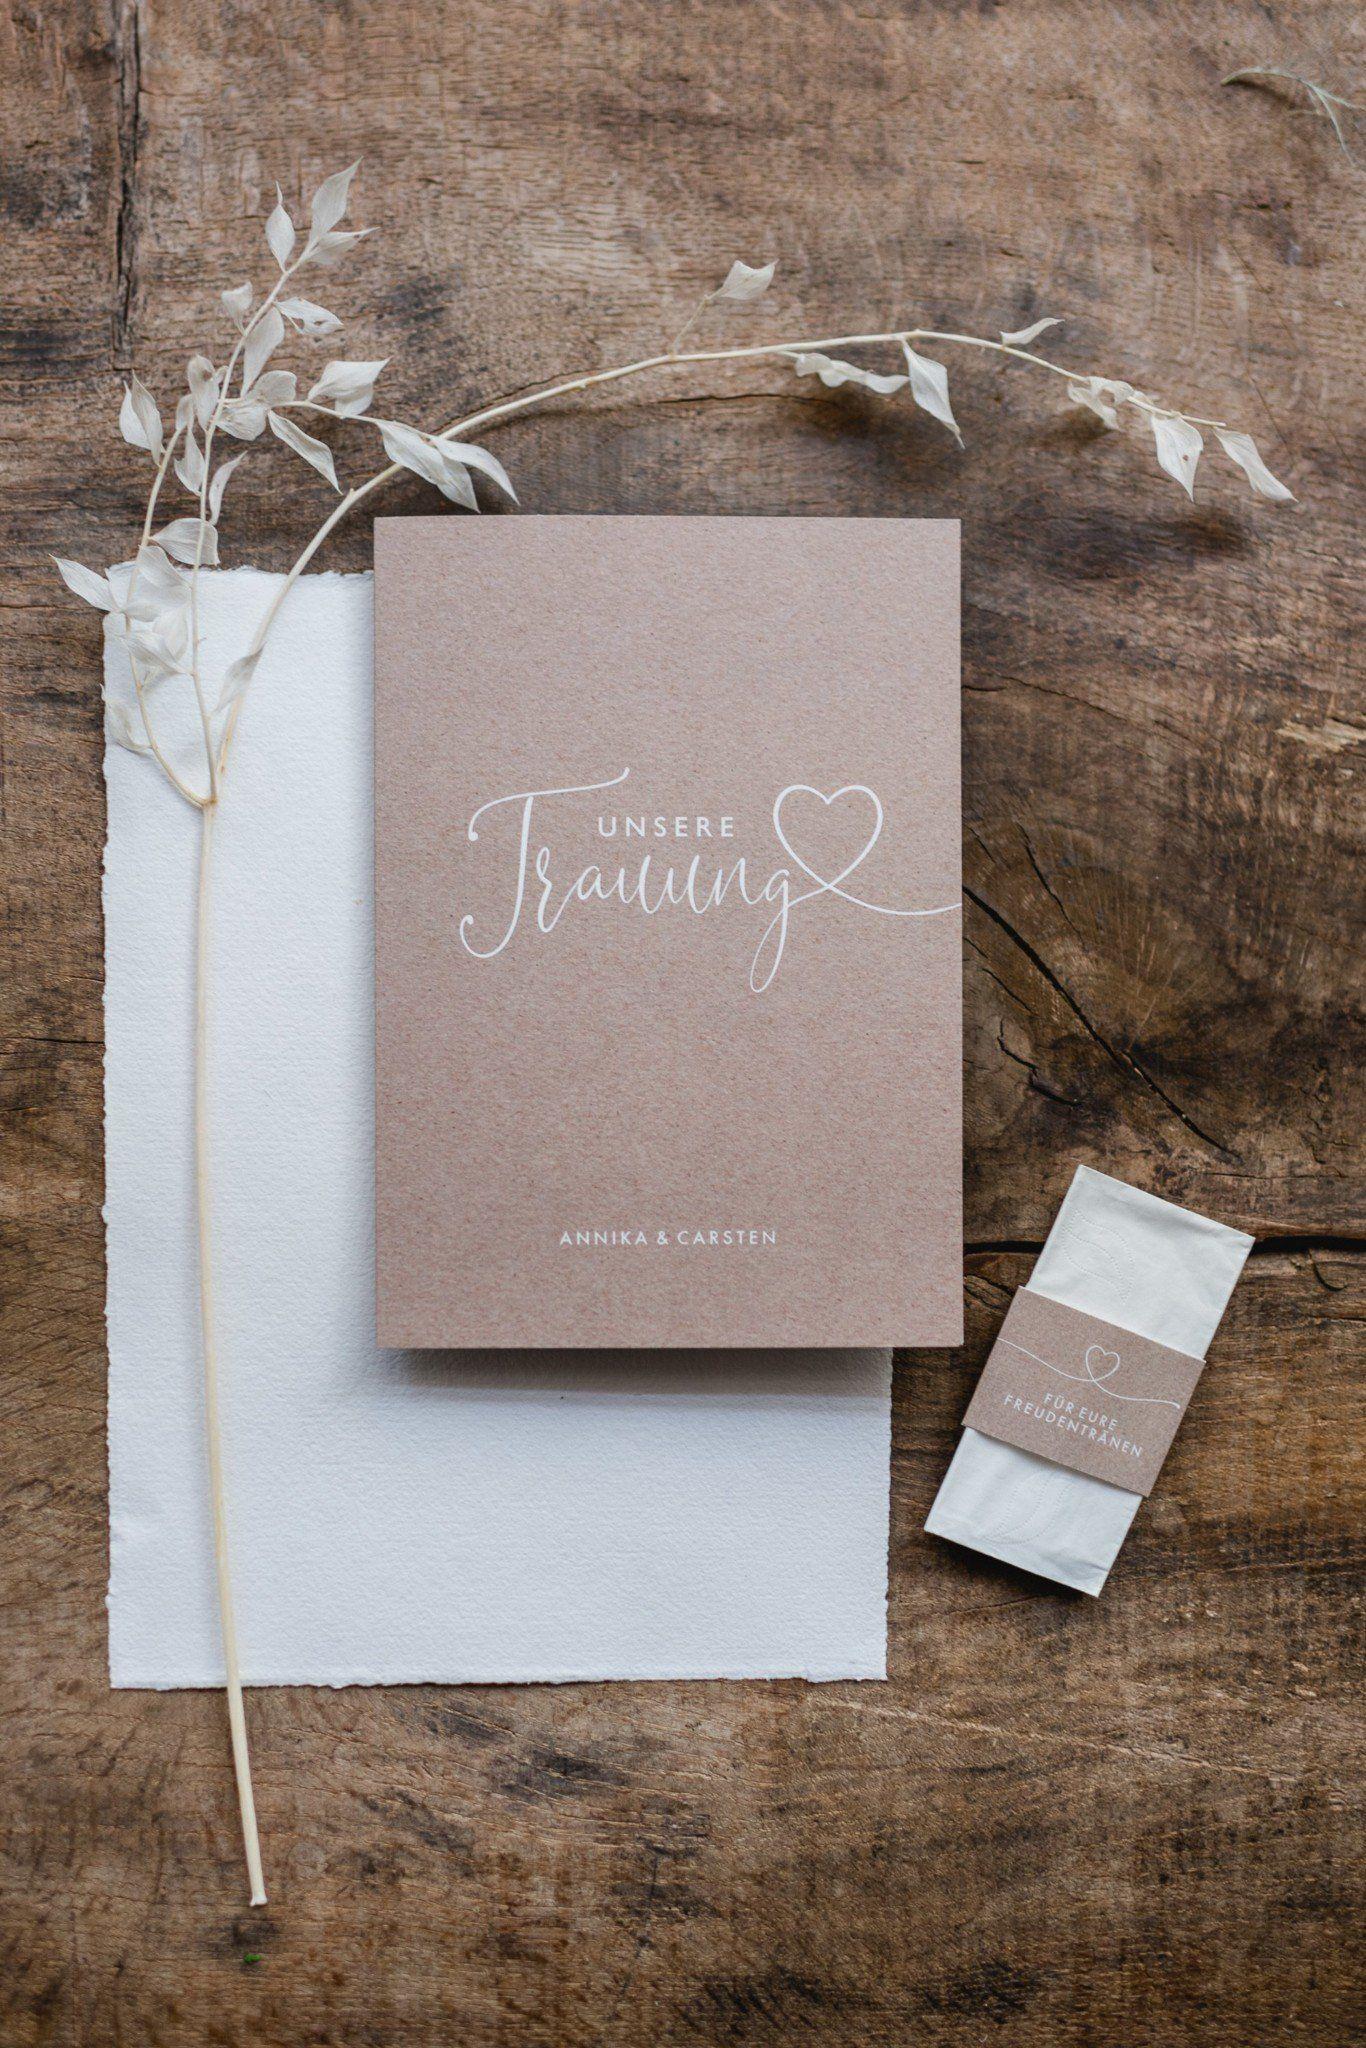 Was Kostet Eine Hochzeit Iii Einladung Und Papeterie Fraulein K Sagt Ja Hochzeitsblog Kosten Hochzeit Einladungen Hochzeitslogos